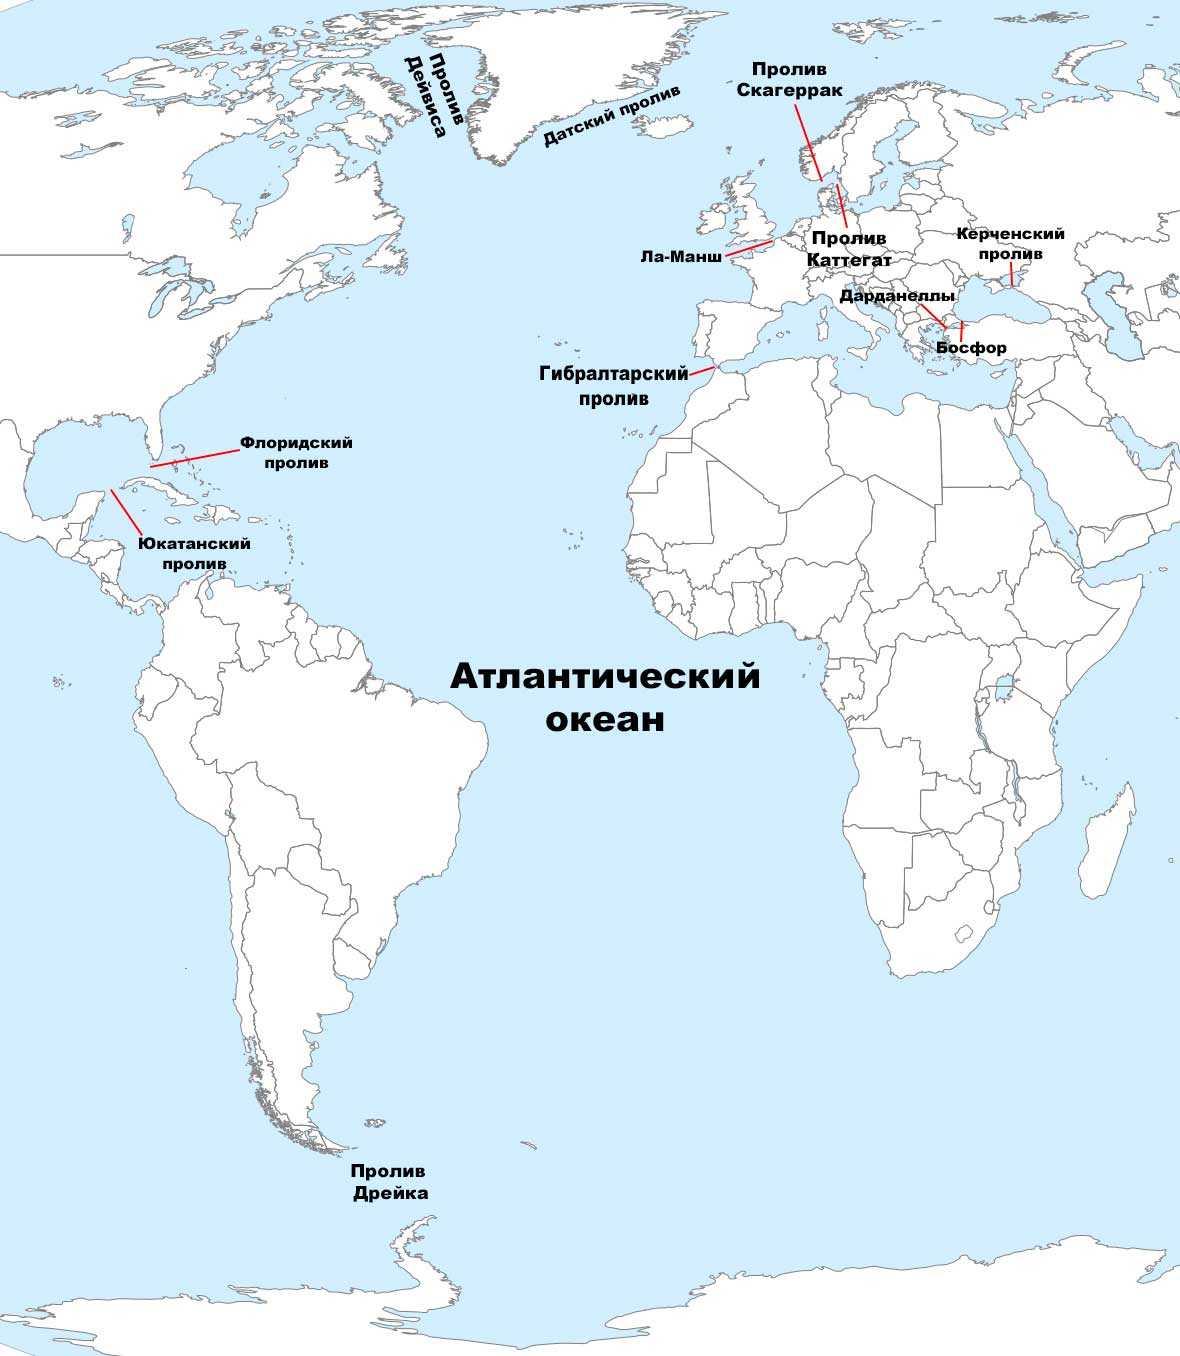 Самые большие проливы Атлантического океана - список, характеристика и карта 2